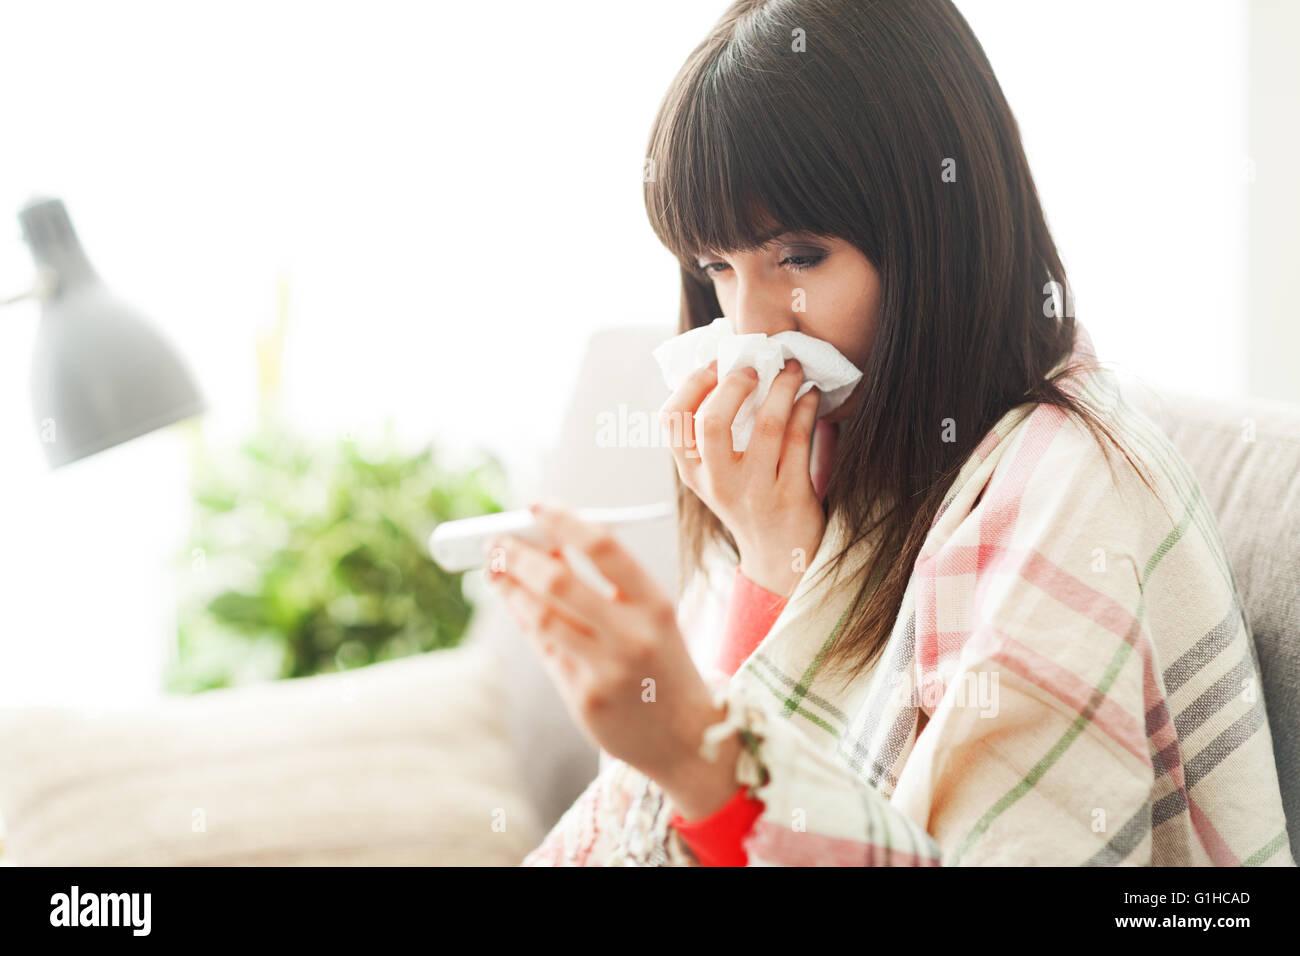 Joven mujer enferma con resfriado y gripe, ella sopla su nariz y medir su temperatura corporal Imagen De Stock